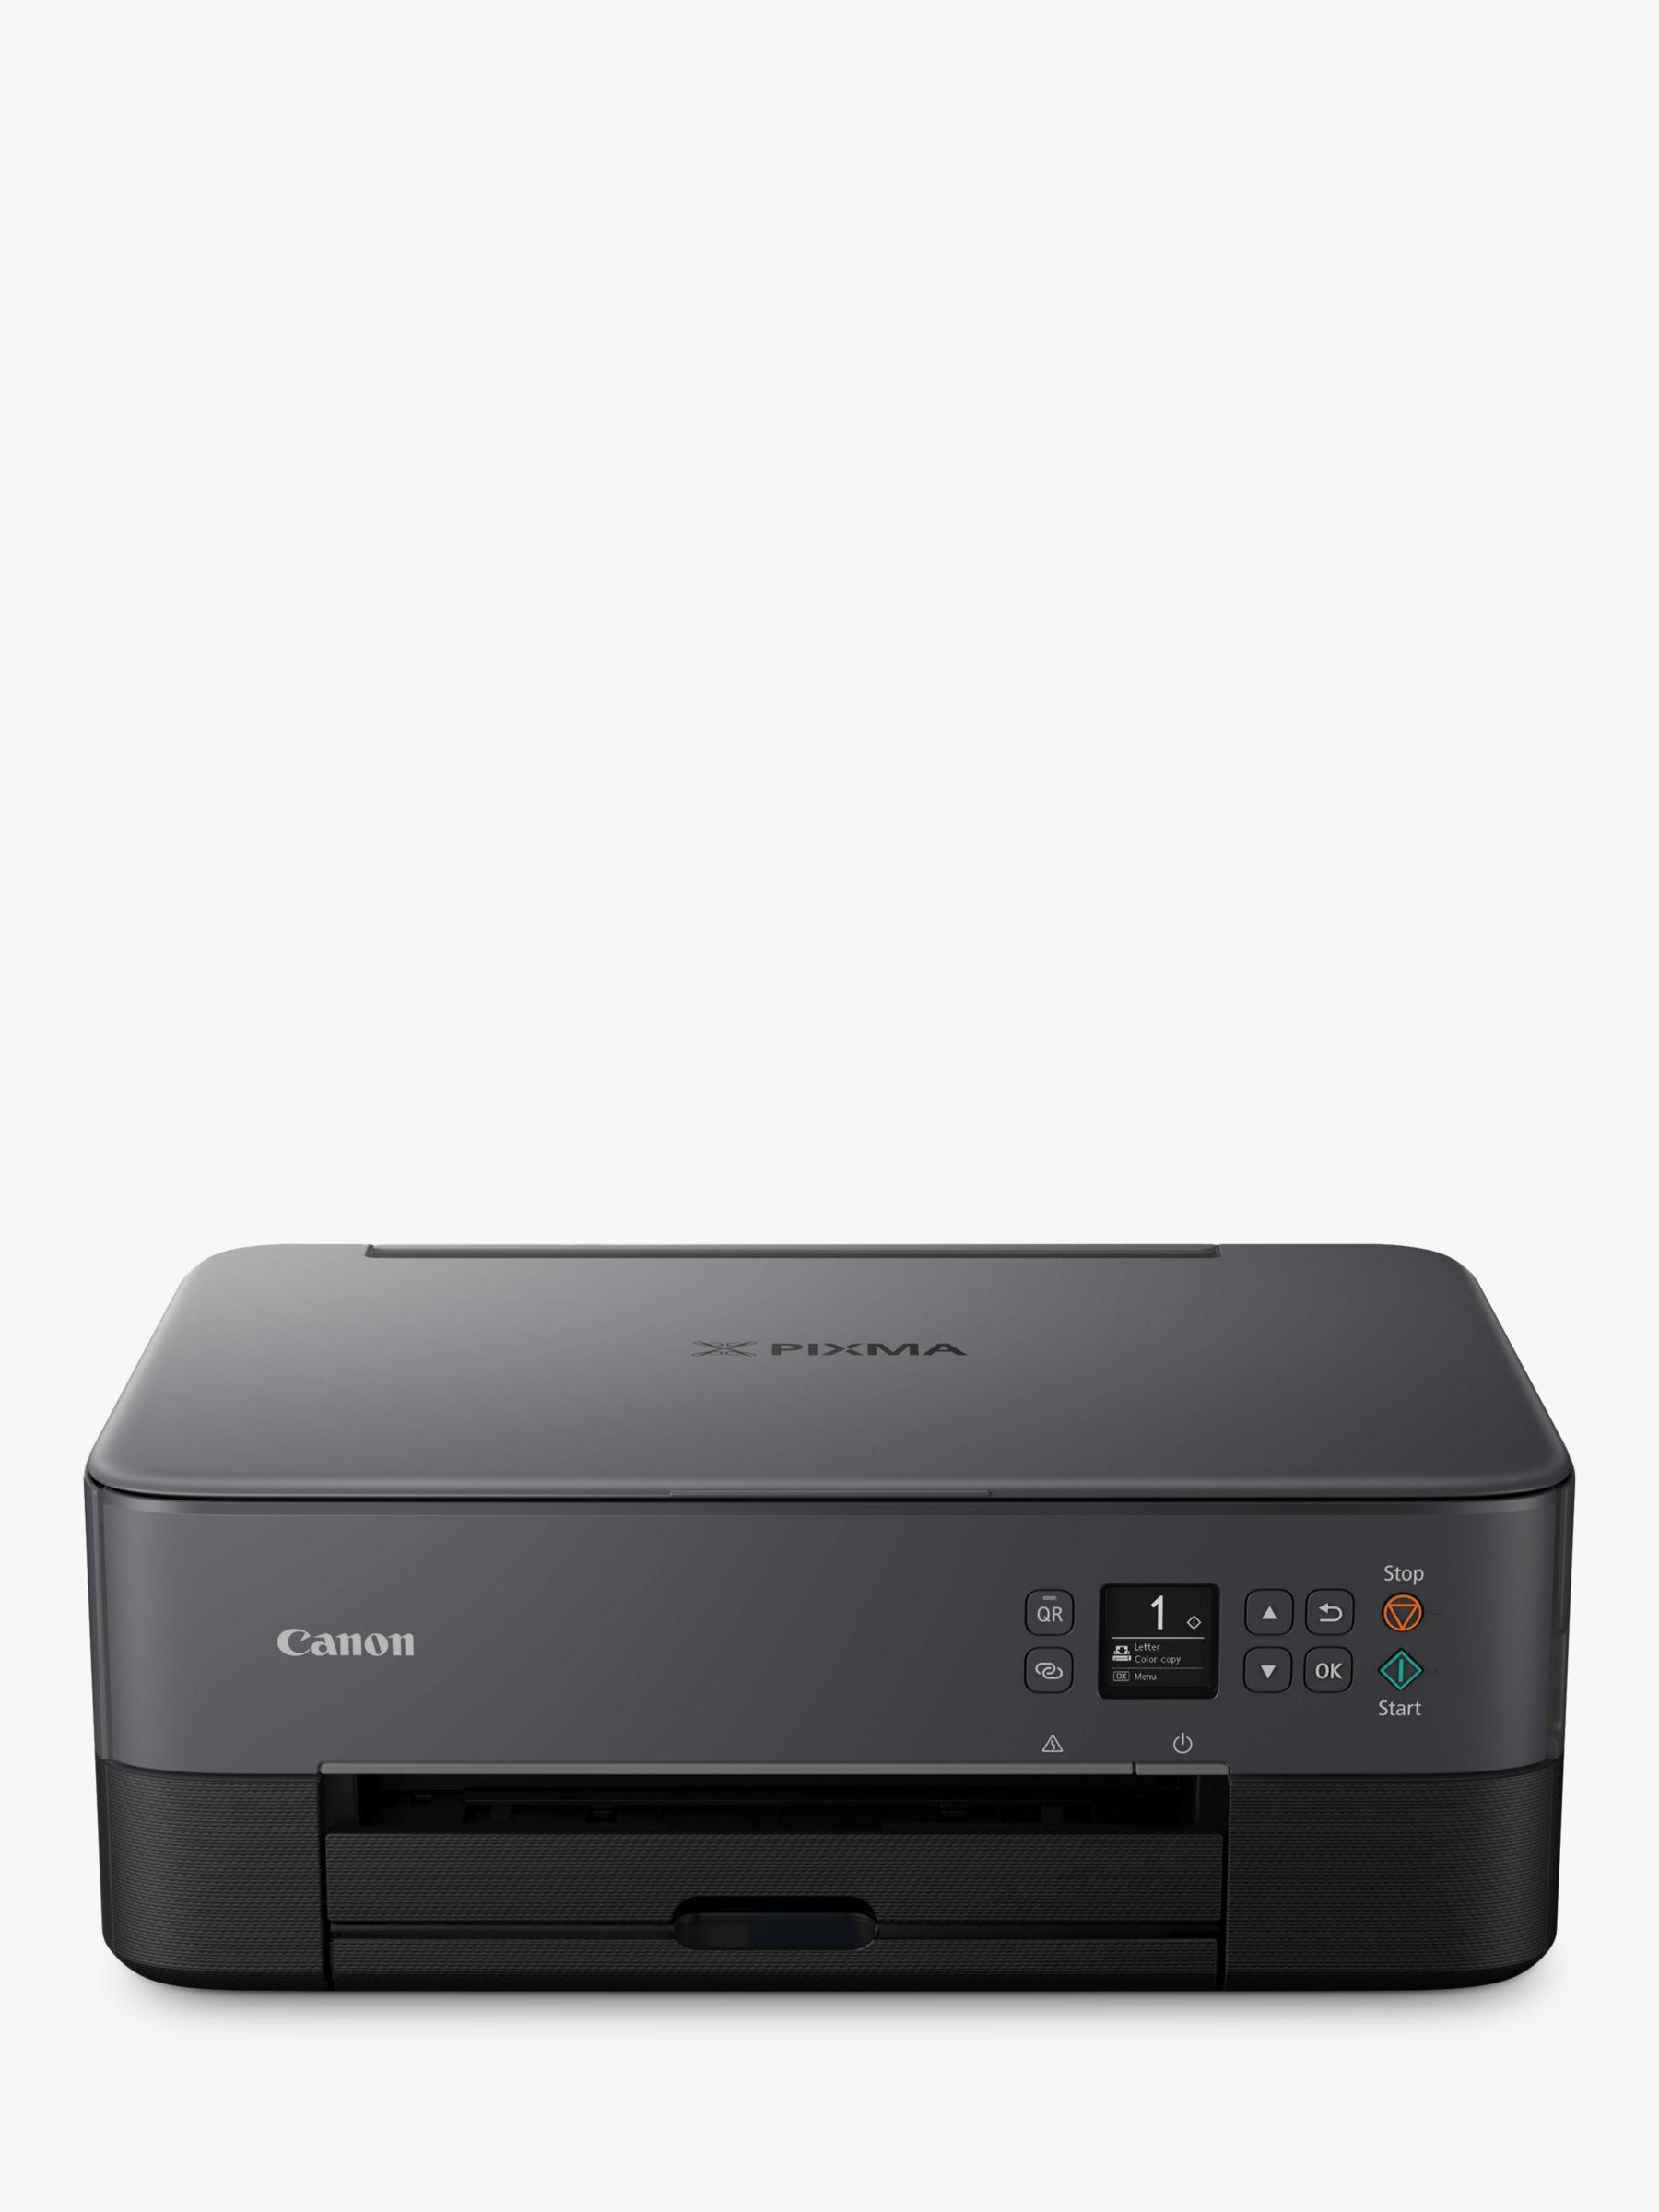 Canon Canon PIXMA TS5350 Three-in-One Wireless Wi-Fi Printer, Black